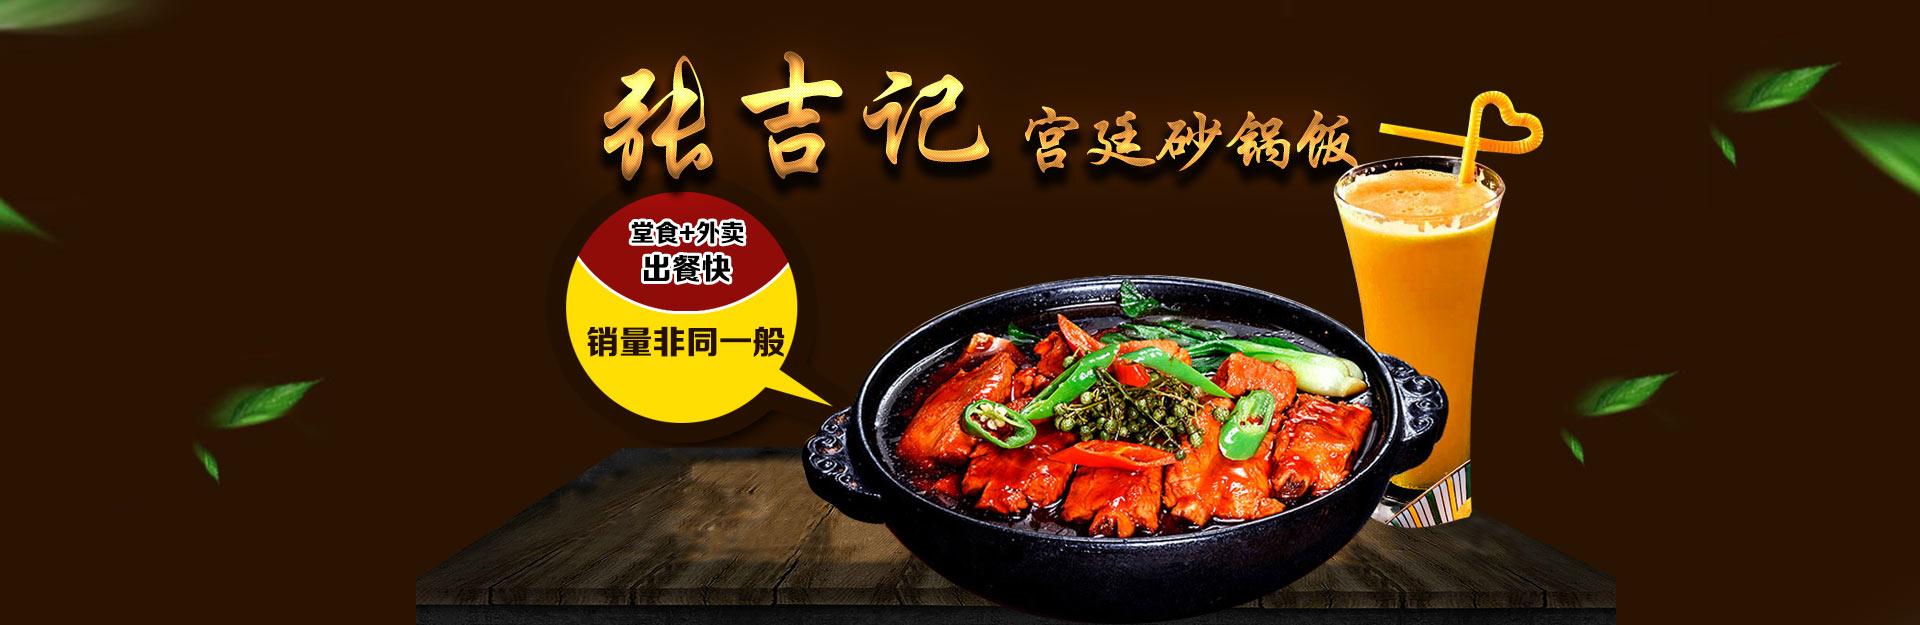 张吉记砂锅饭